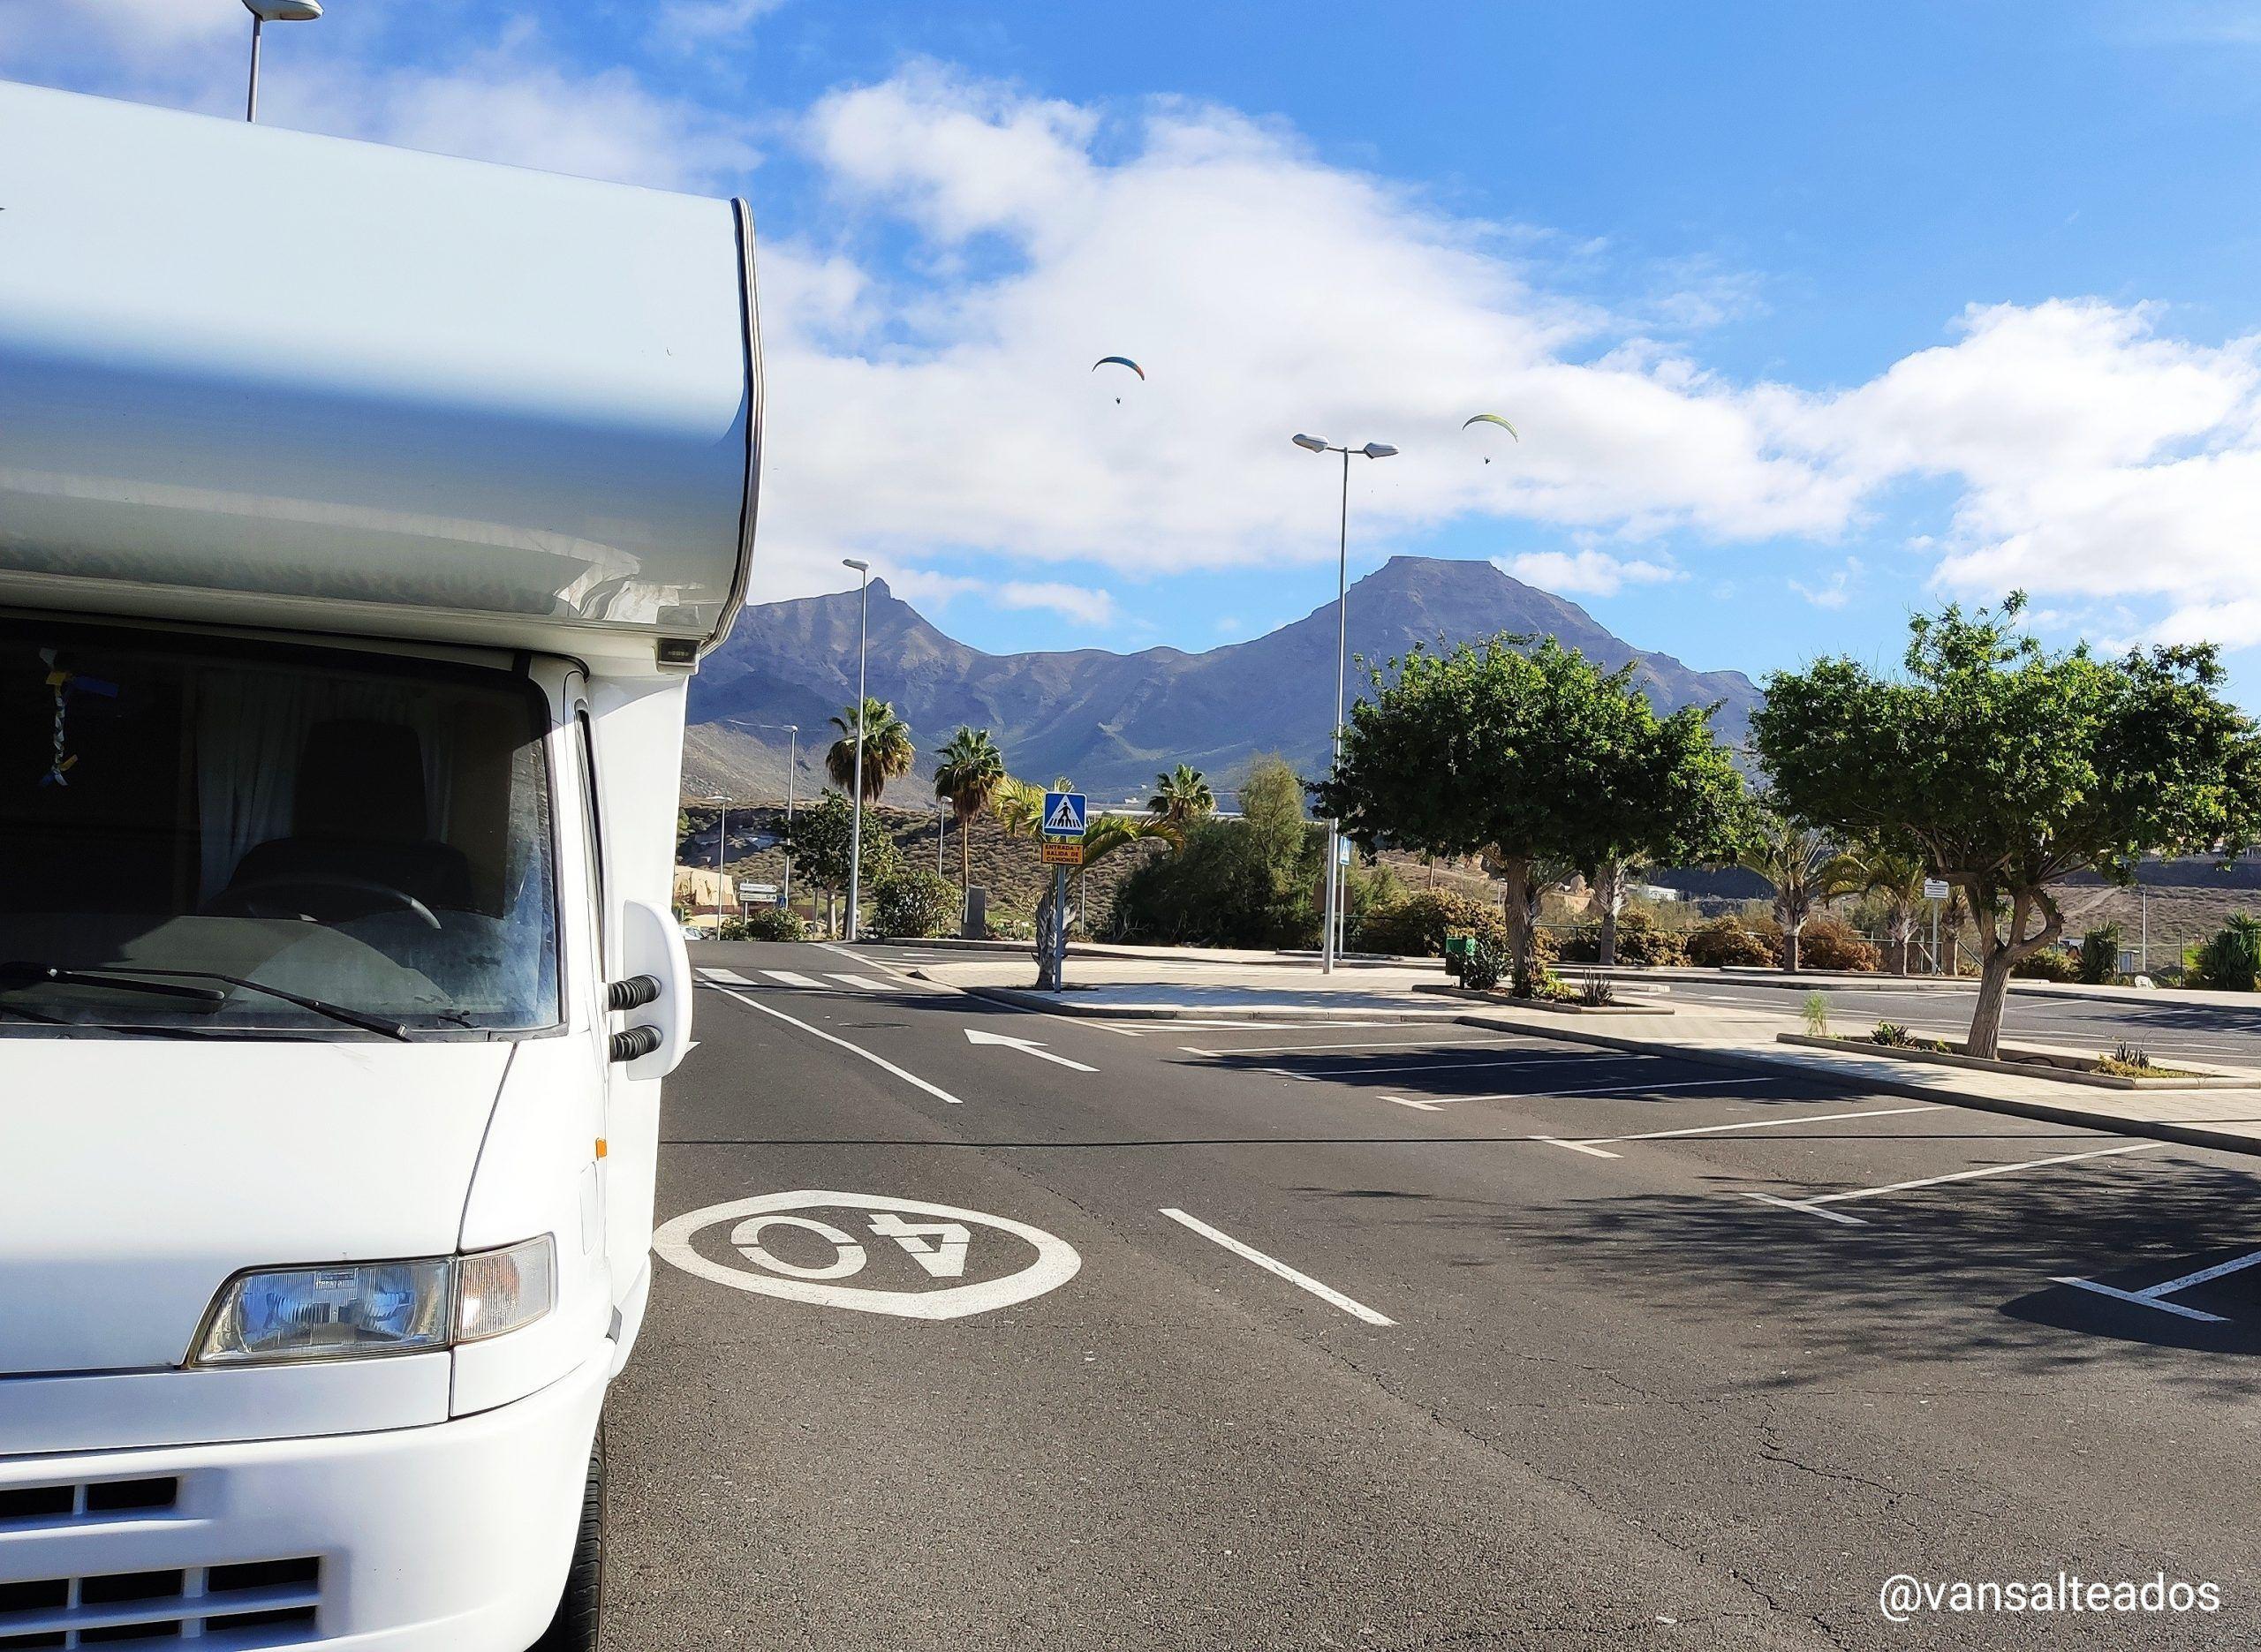 Caravana en La Caleta, Tenerife.